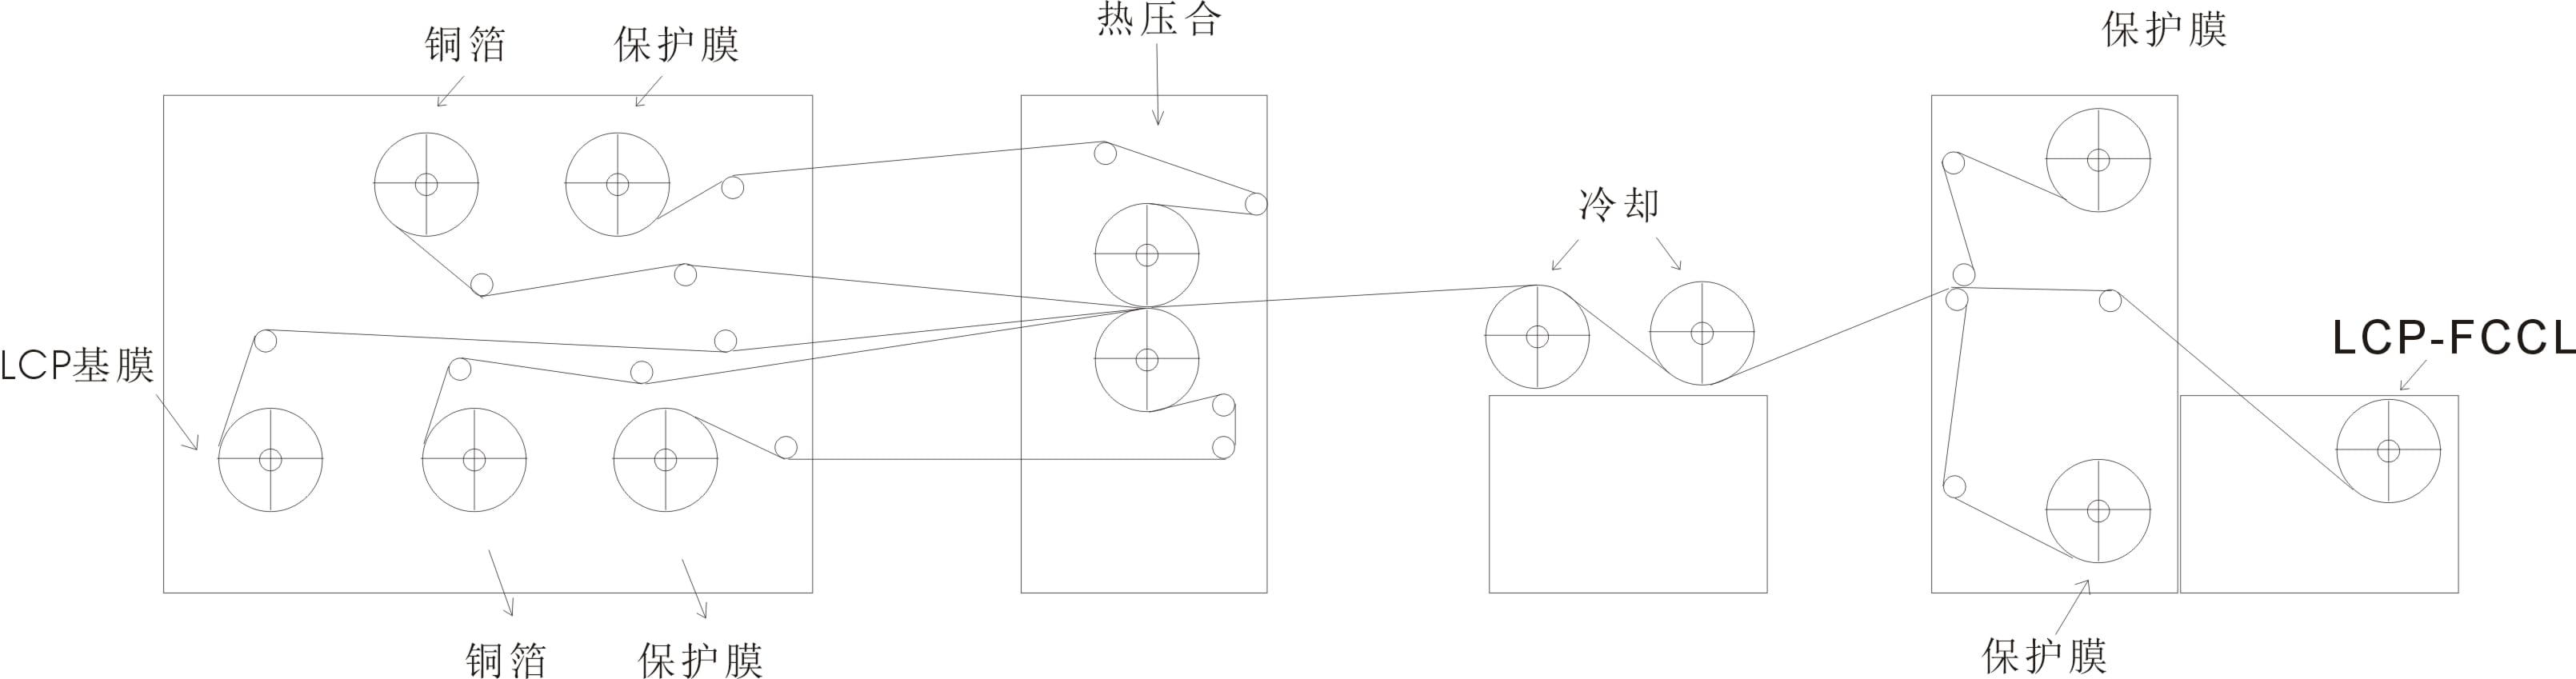 2L-FCCL设备示意图